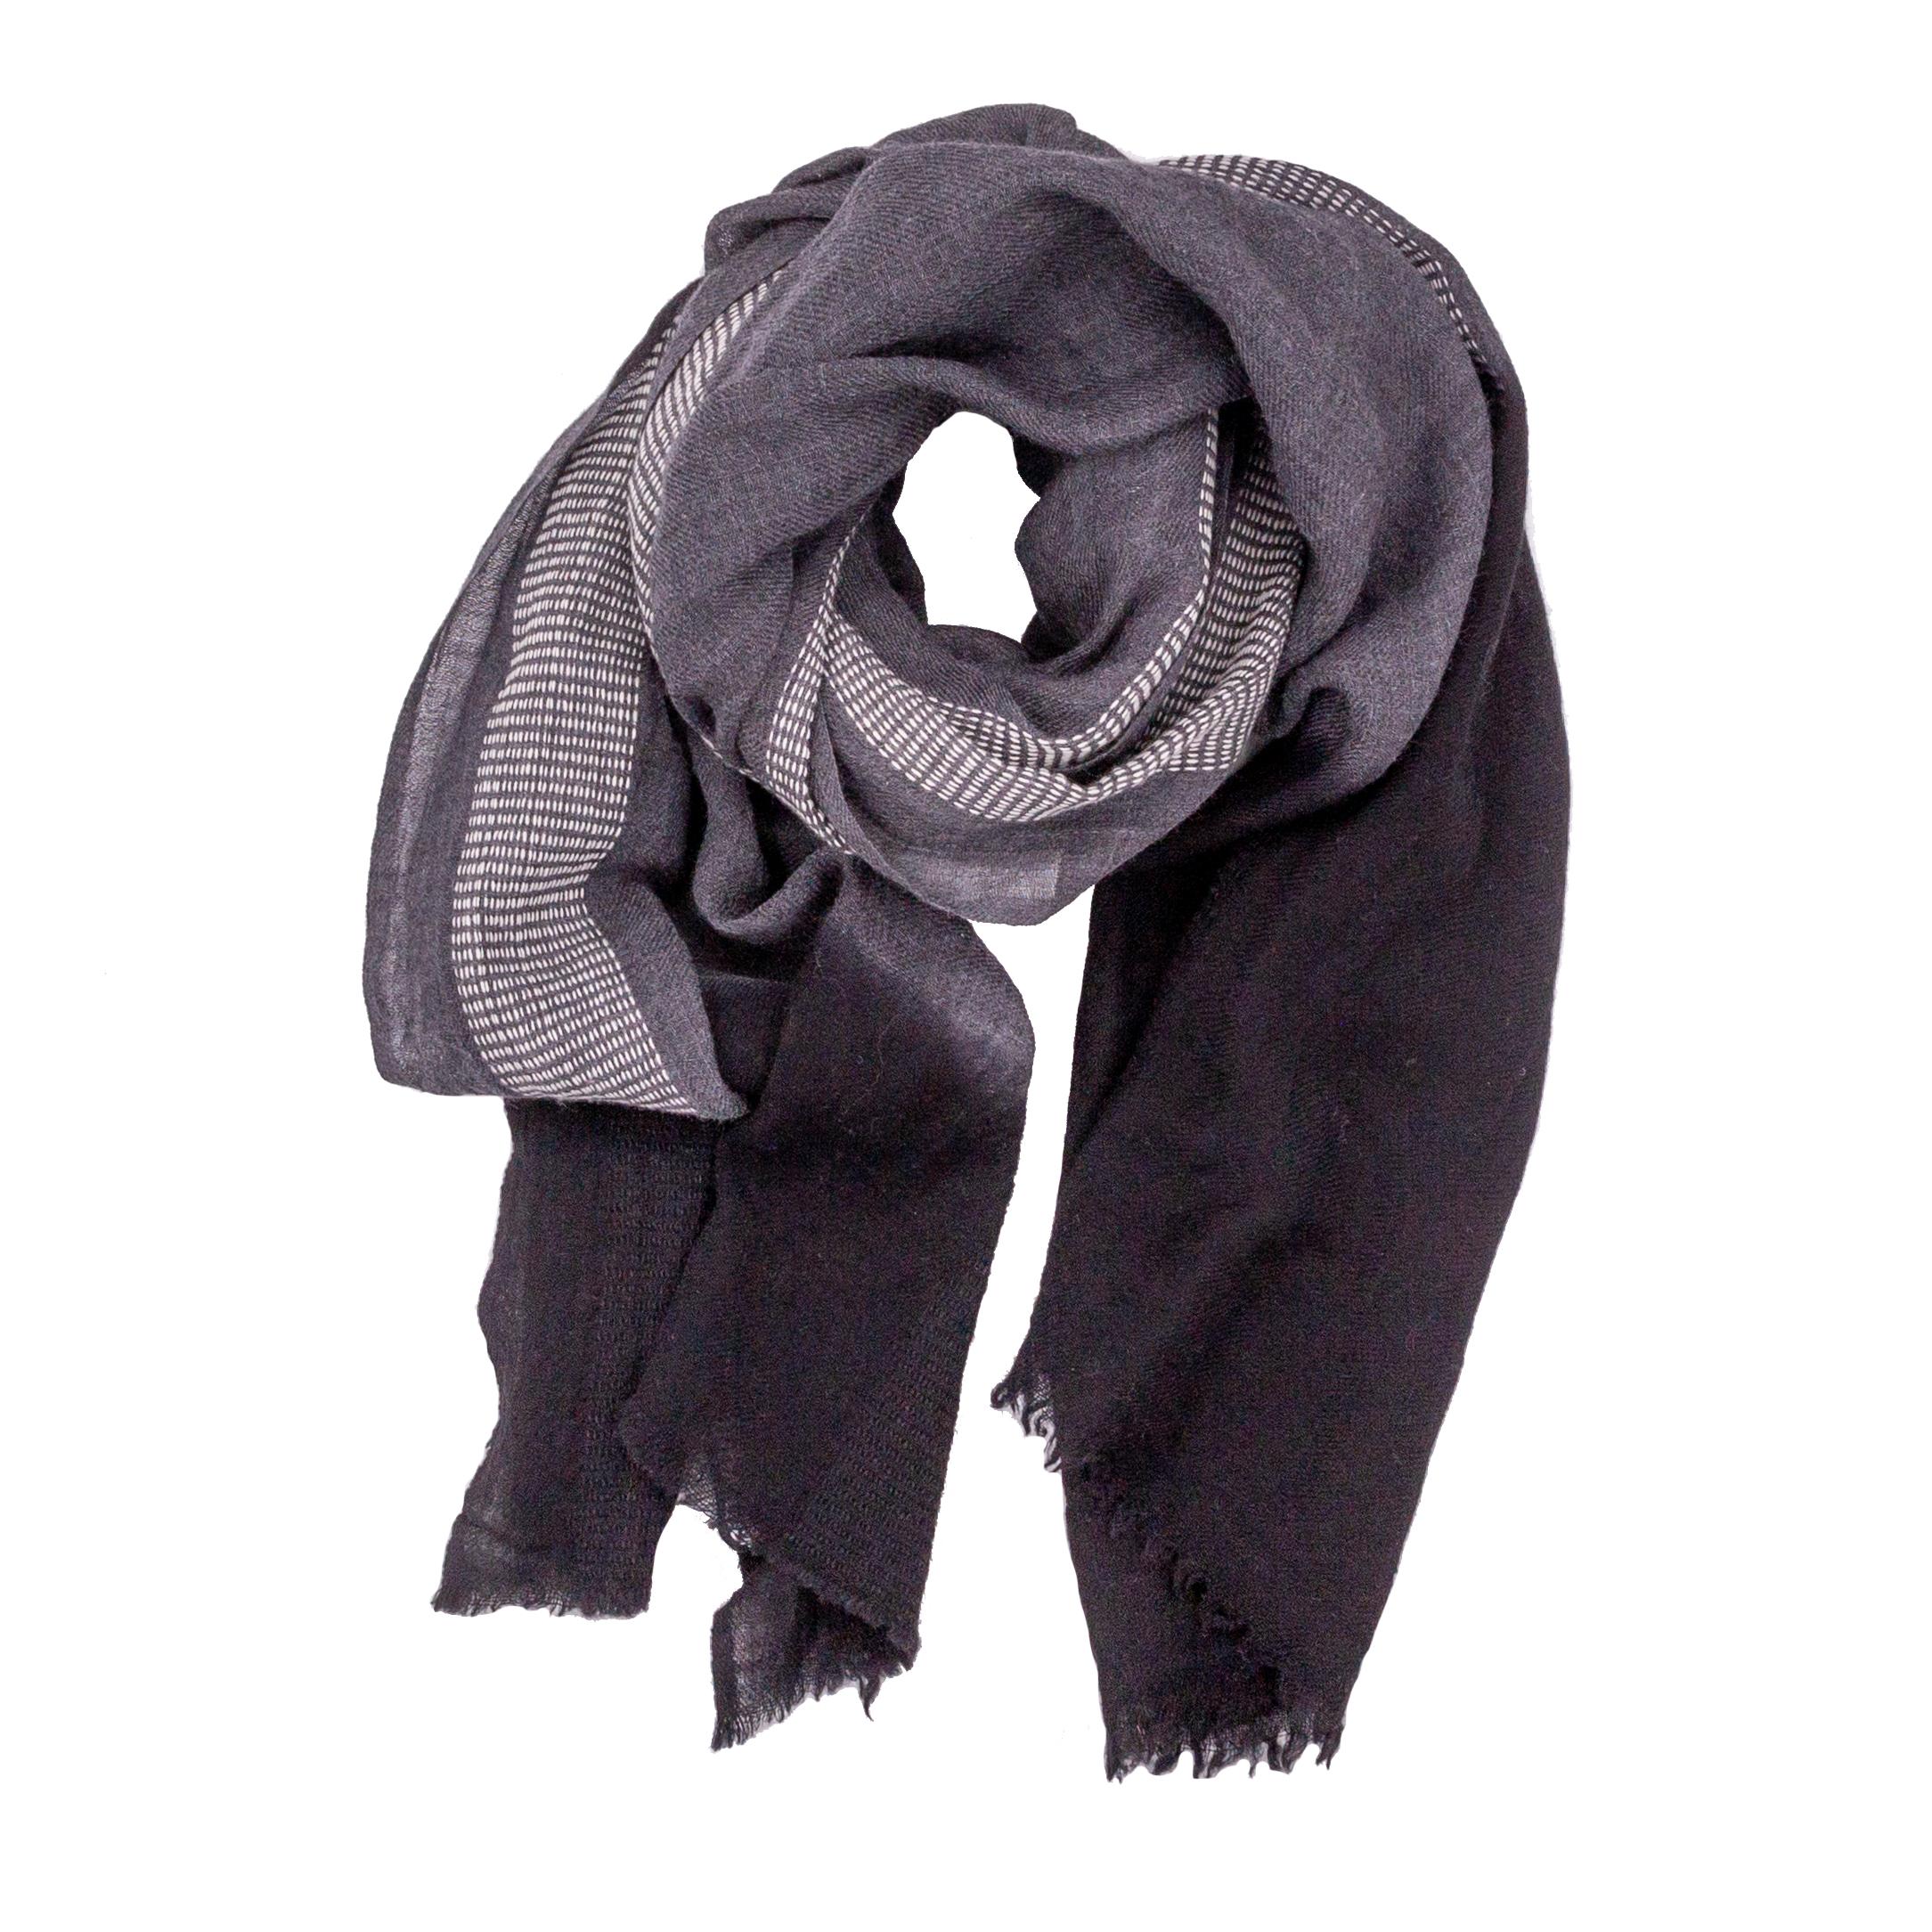 Halstuch | Schal - grau/schwarz/weiss - Yam Yam Fashion